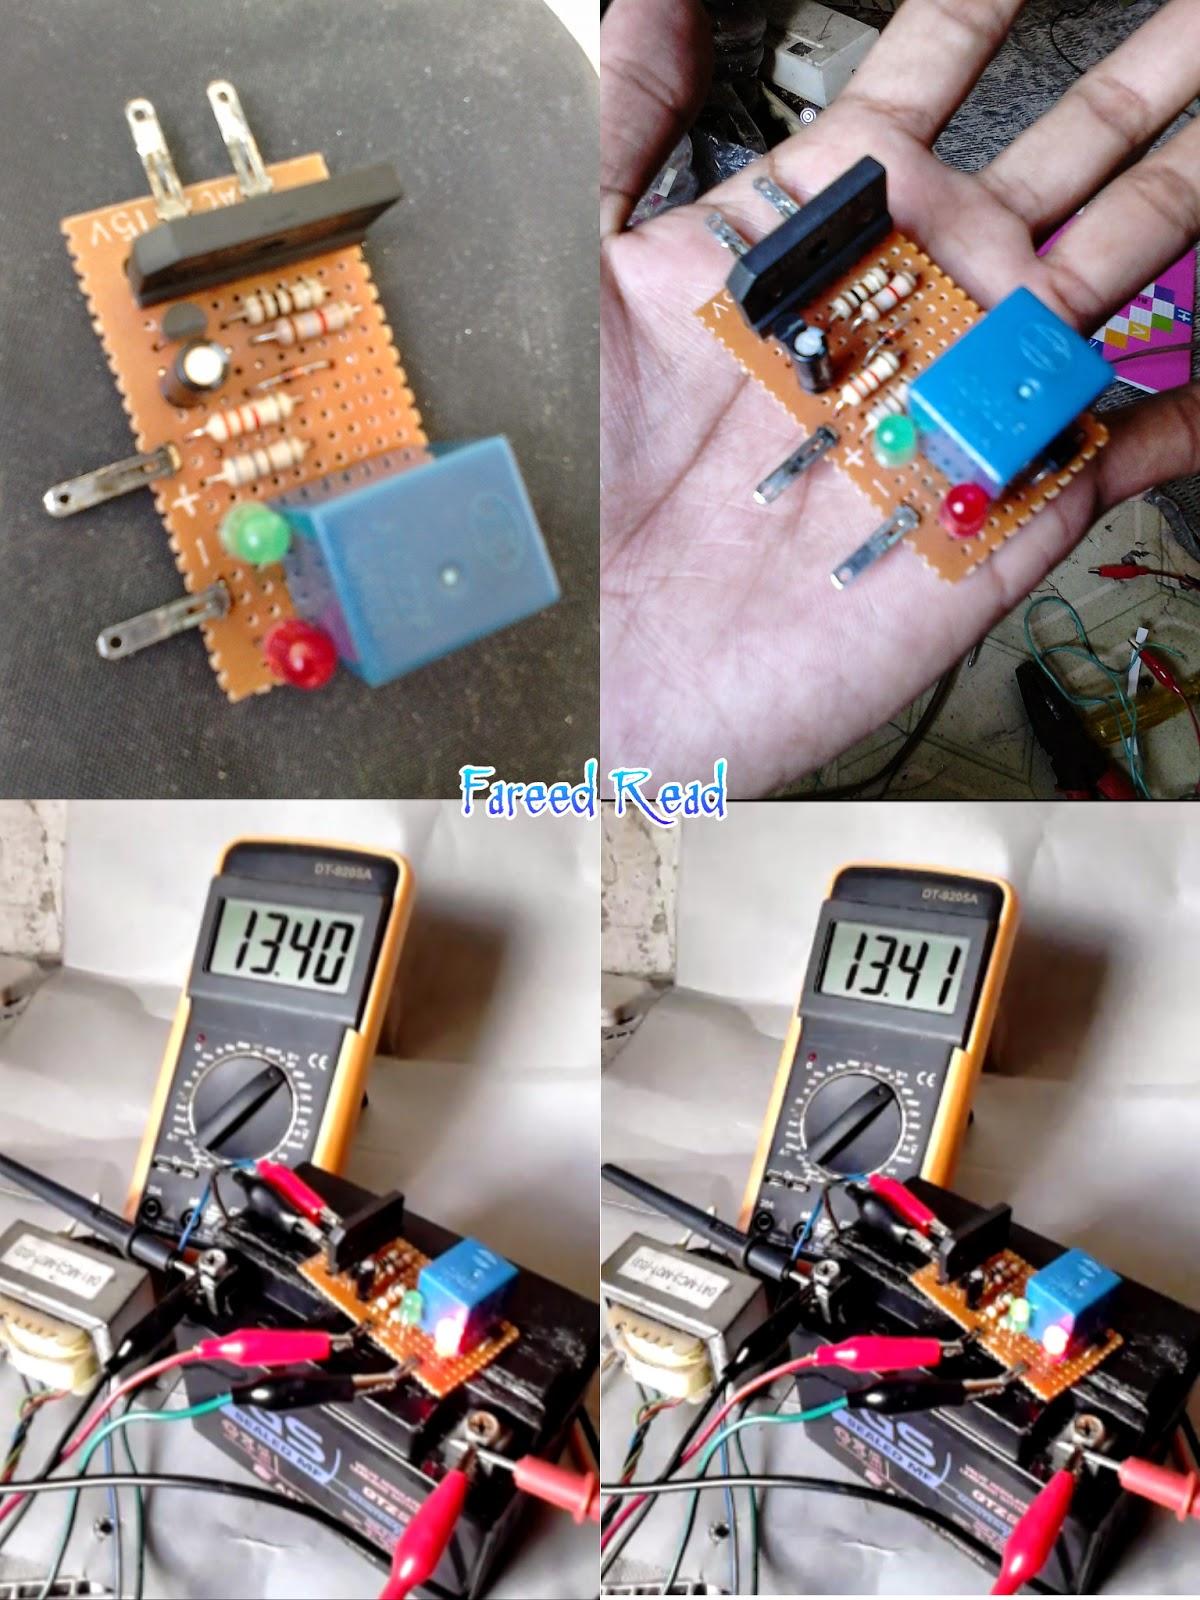 Charger Otomatis Untuk Aki Motor Atau Mobil Auto Cut Off Relay 12 Volt 8 Kaki Transistor Pnp Sejenis Misalnya A1015 Dll Dan Kebanyakan Yang Gagal Membuat Karena Tataletak Ttransistor Itu Beda Dengan Umum Dipasaran